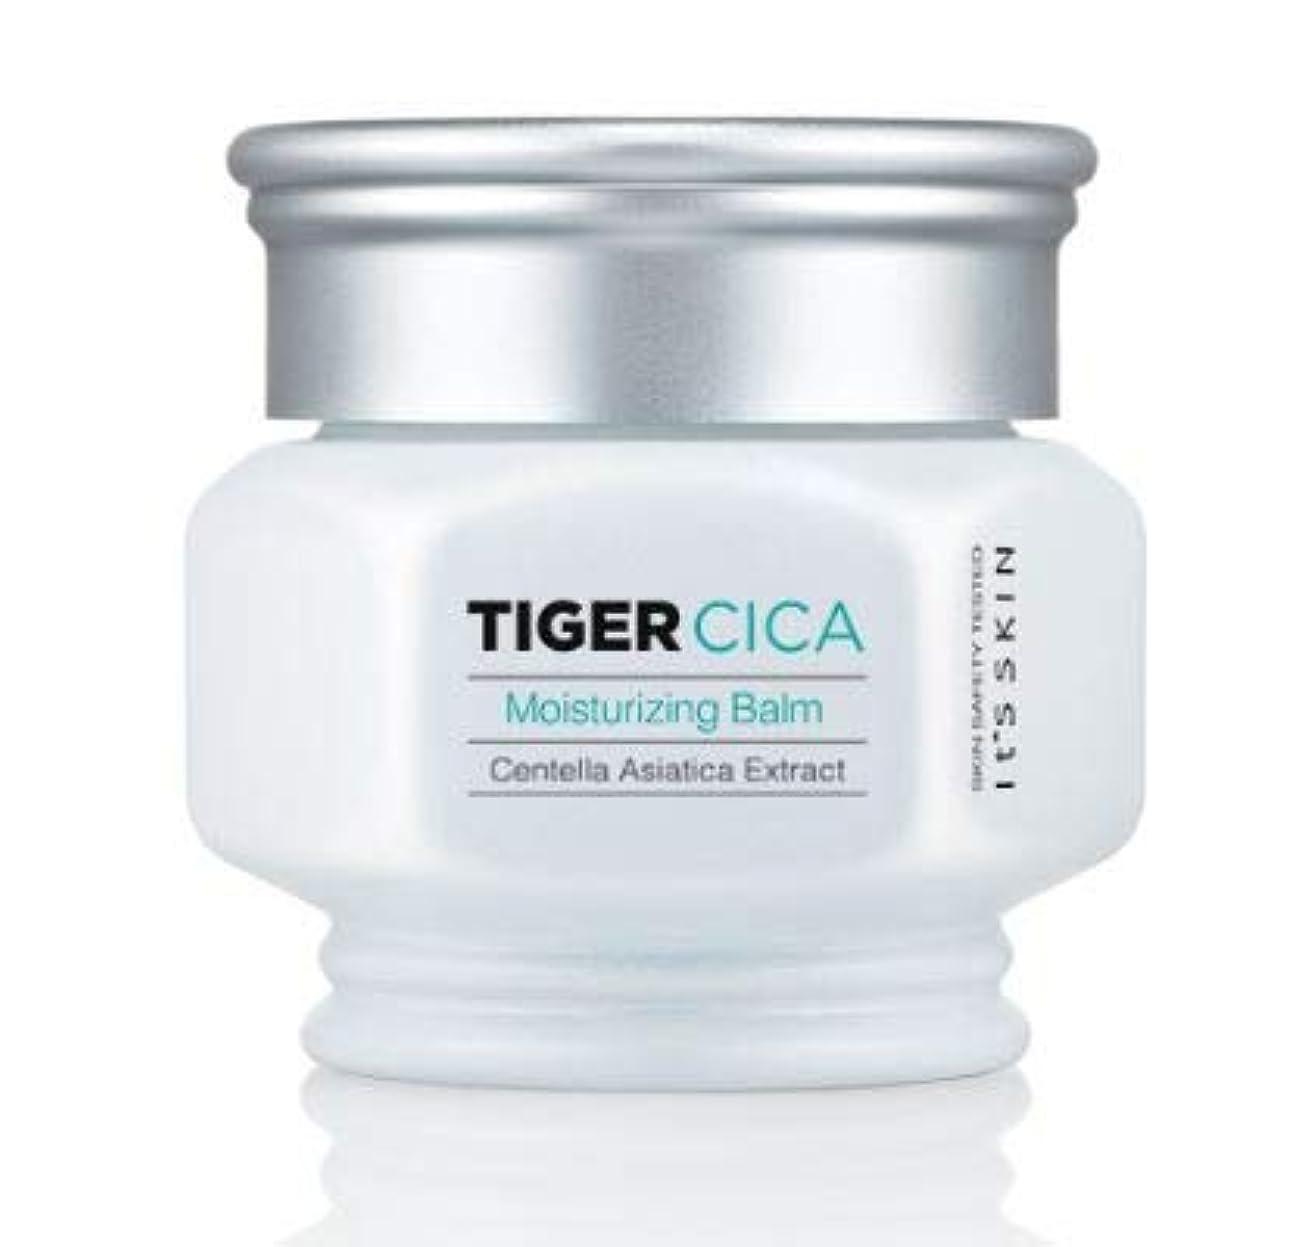 本体オーバーコート台風[It's Skin] Tiger Cica Moisturizing Balm 50ml /[イッツスキン] タイガーシカ モイスチャライジング バーム 50ml [並行輸入品]